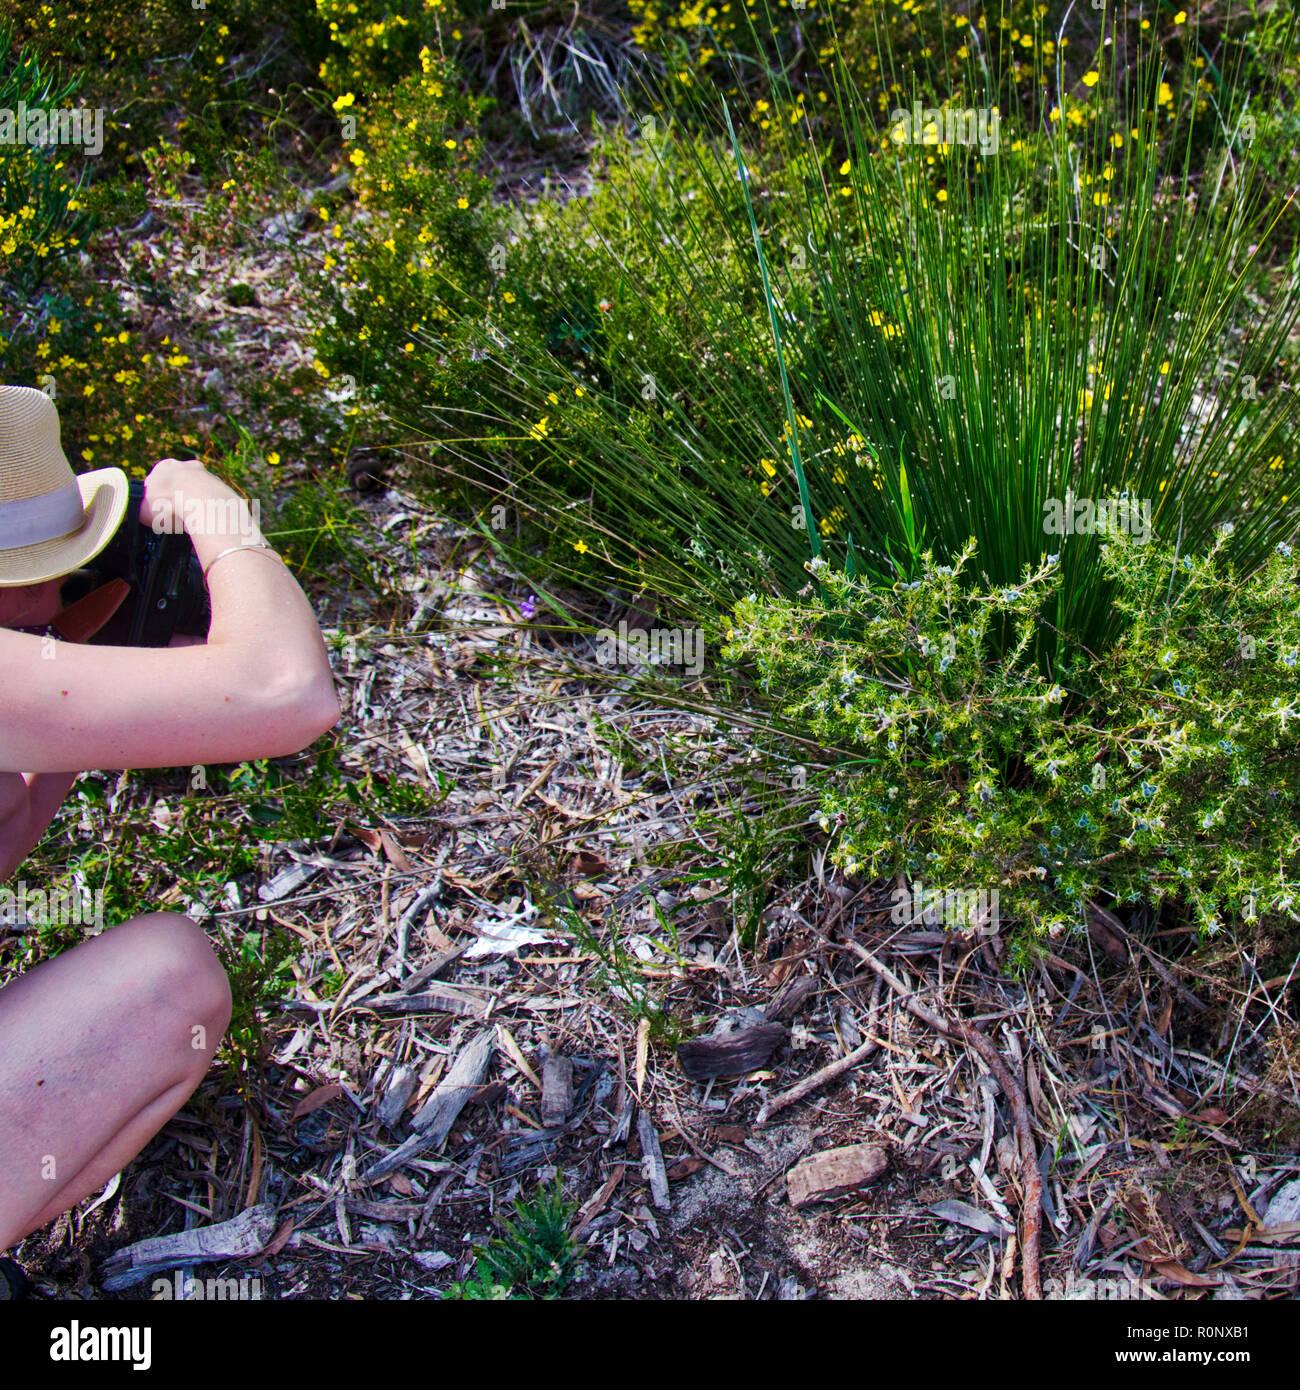 Fotograf nutzt SLR Kamera in vertikaler Modus einheimische Pflanzen zu fotografieren. Stockbild